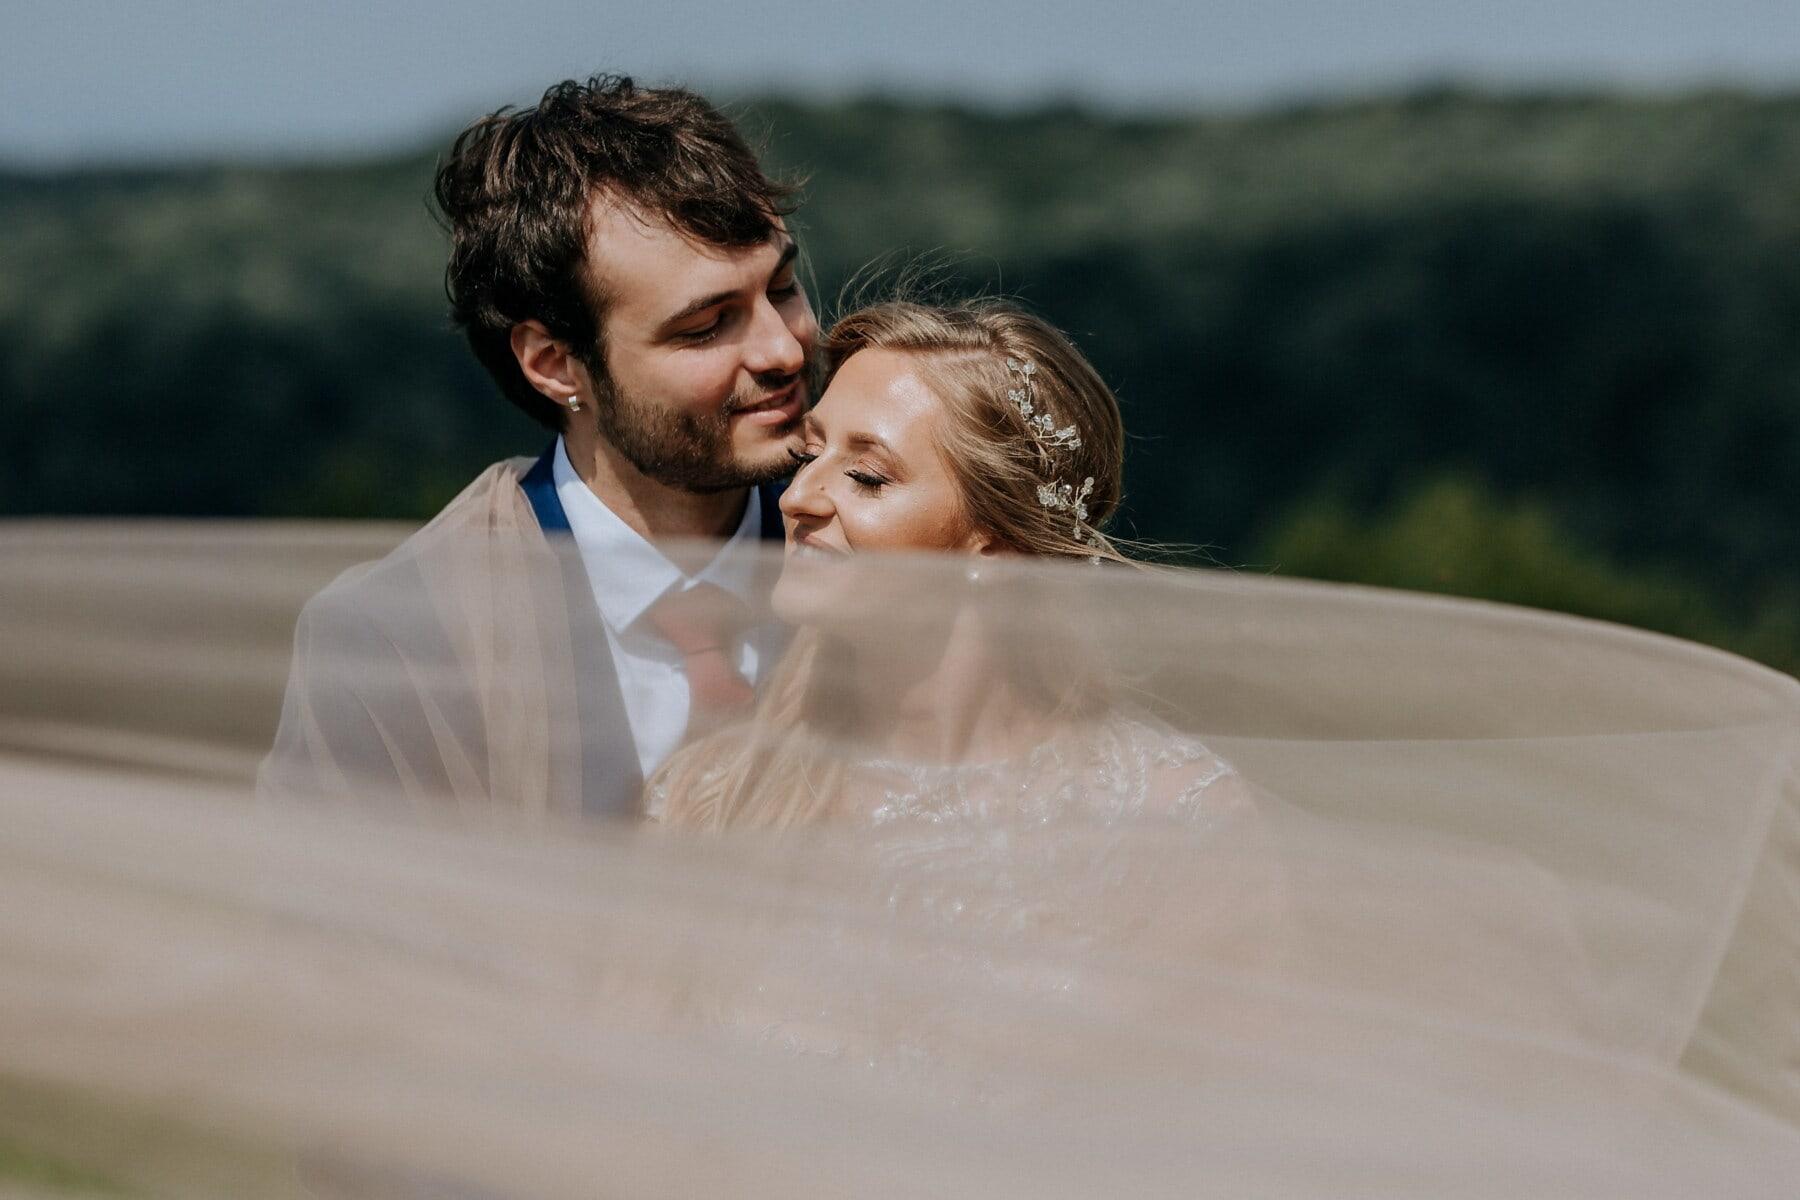 sarılma, romantik, Erkek, kız arkadaşı, portre, öpücük, mutlu, aşk, mutluluk, damat